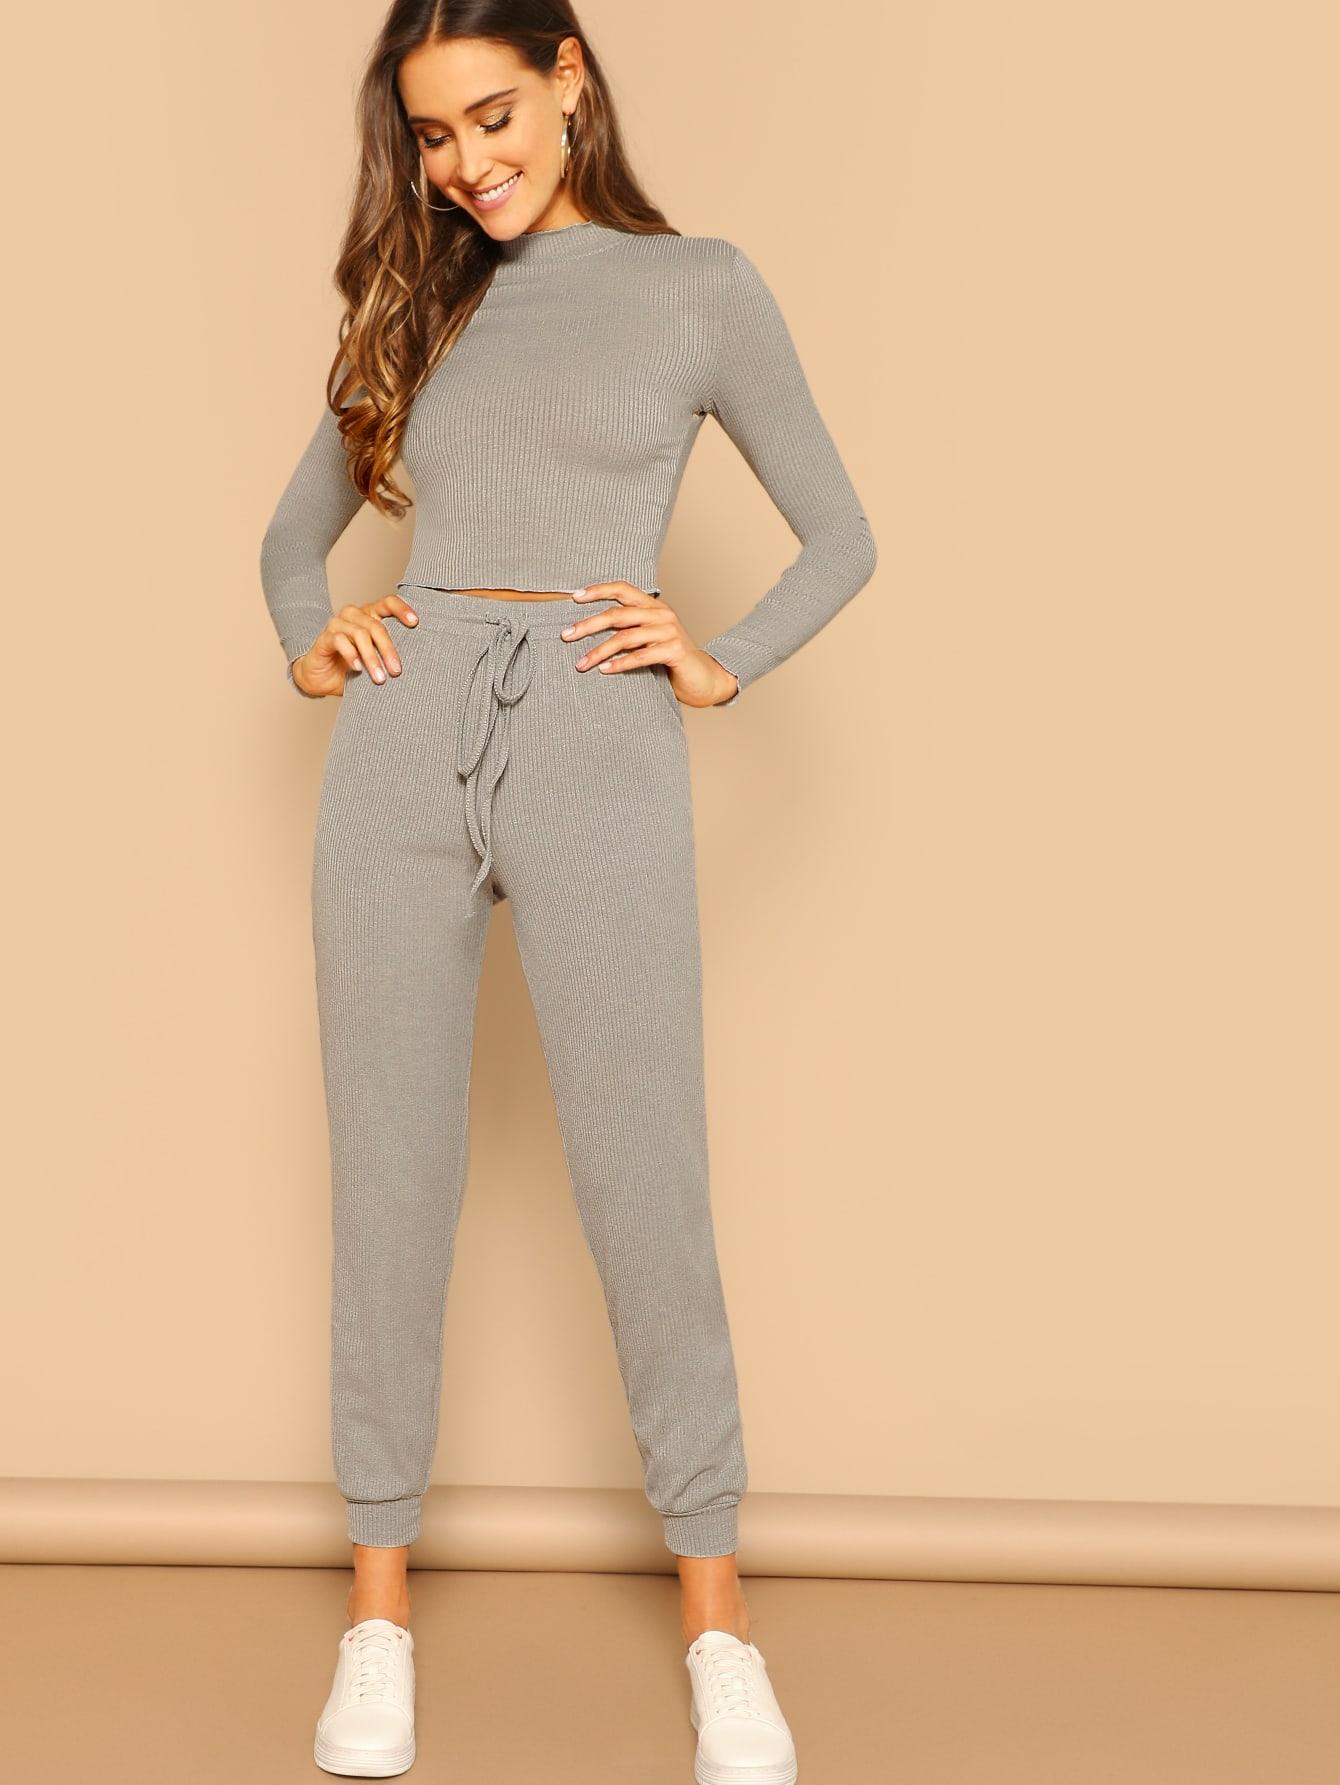 Купить Короткий топ и спортивные брюки комплект, Anna Herrin, SheIn